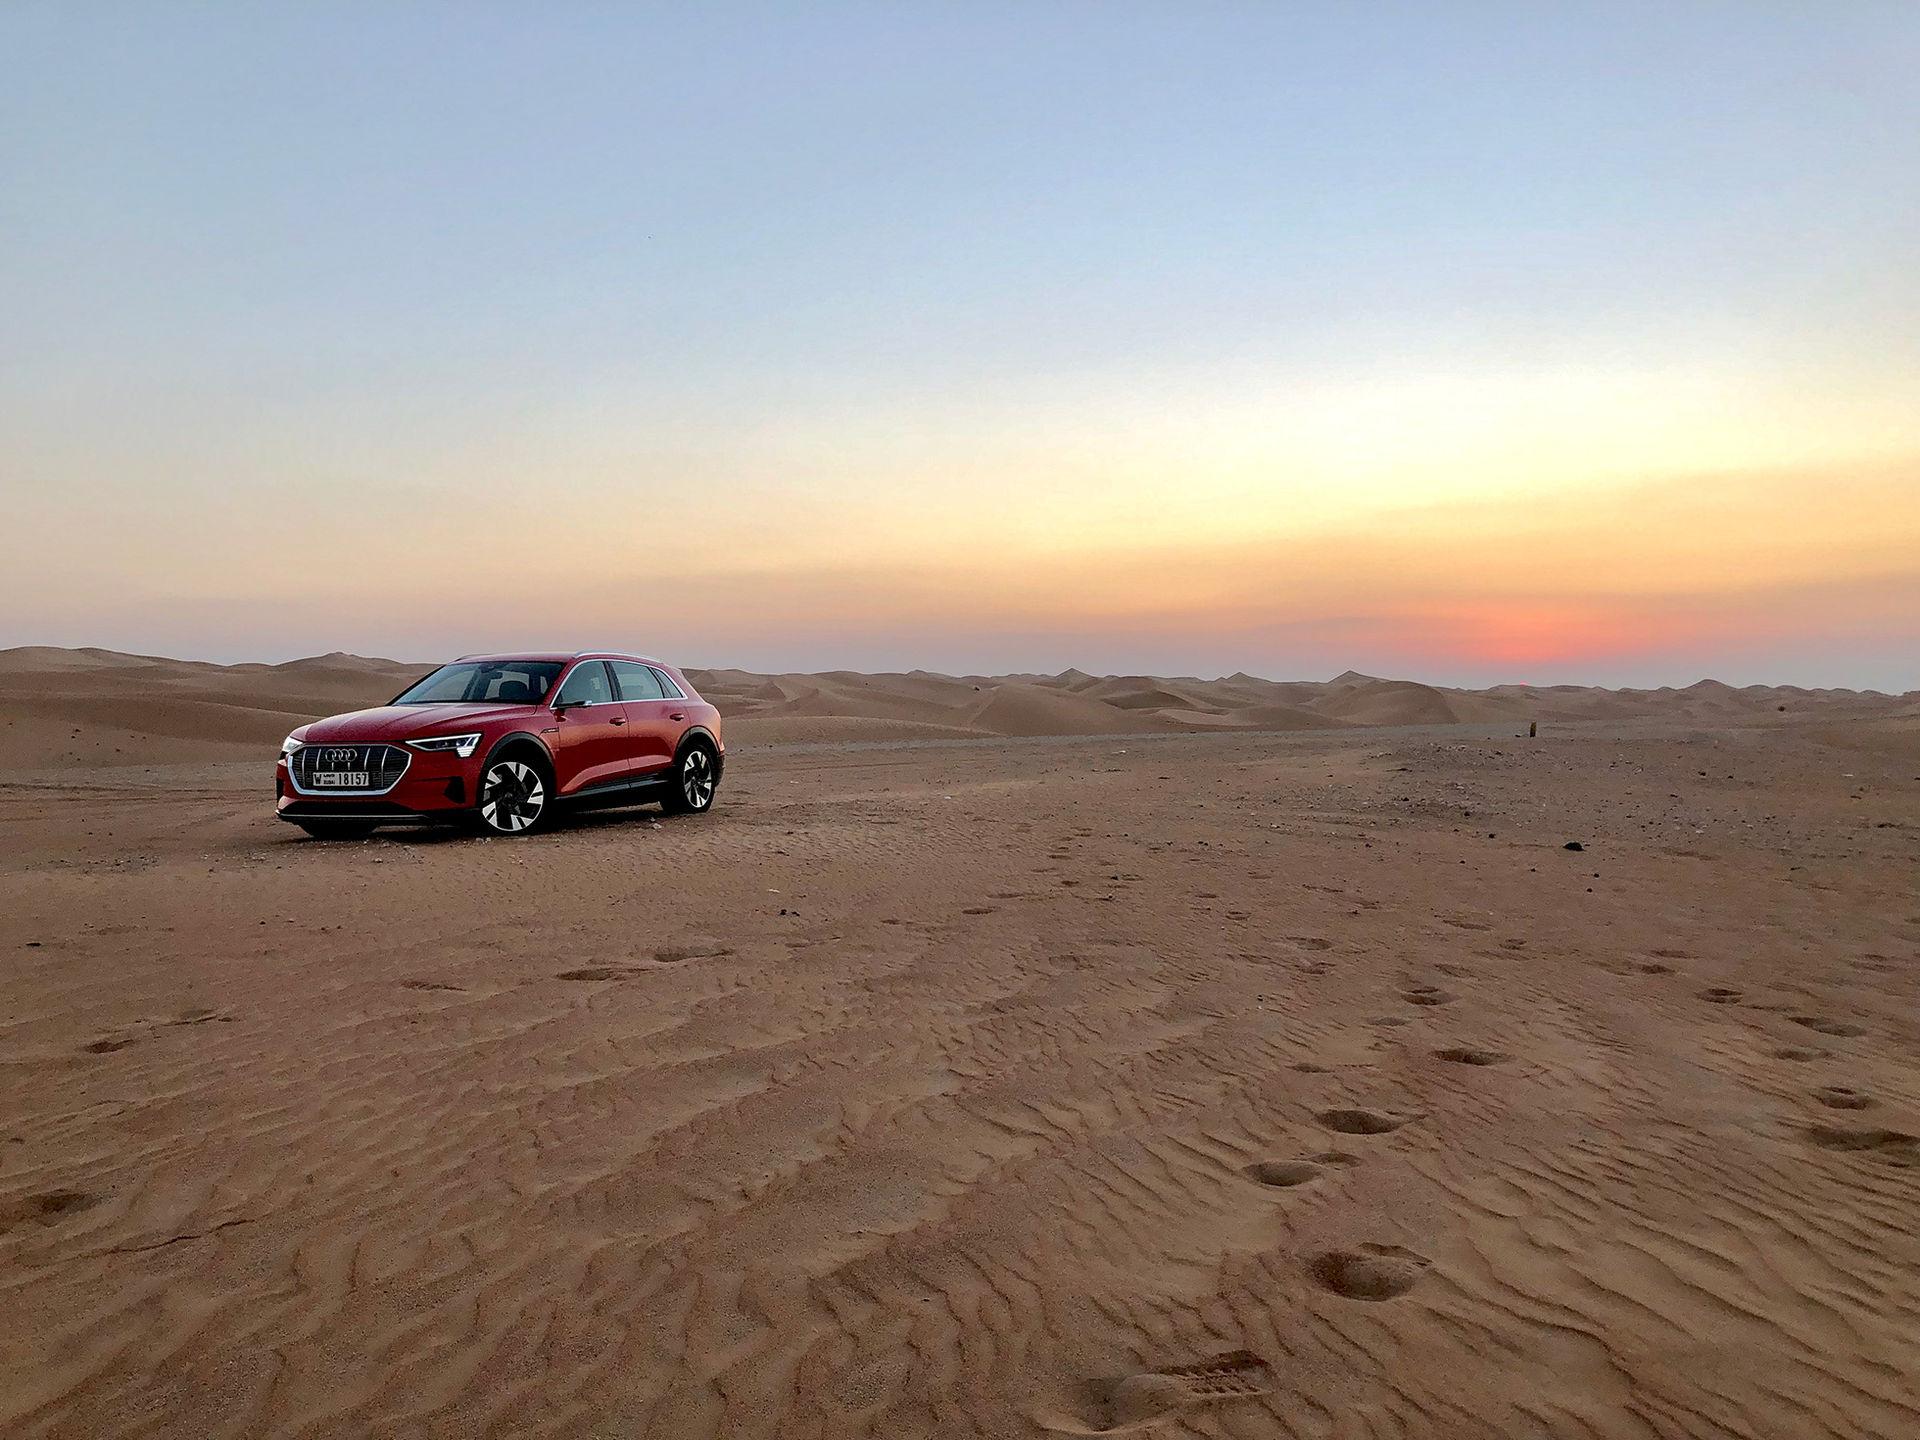 Audi tar sitt första stora kliv in i den eldrivna framtiden